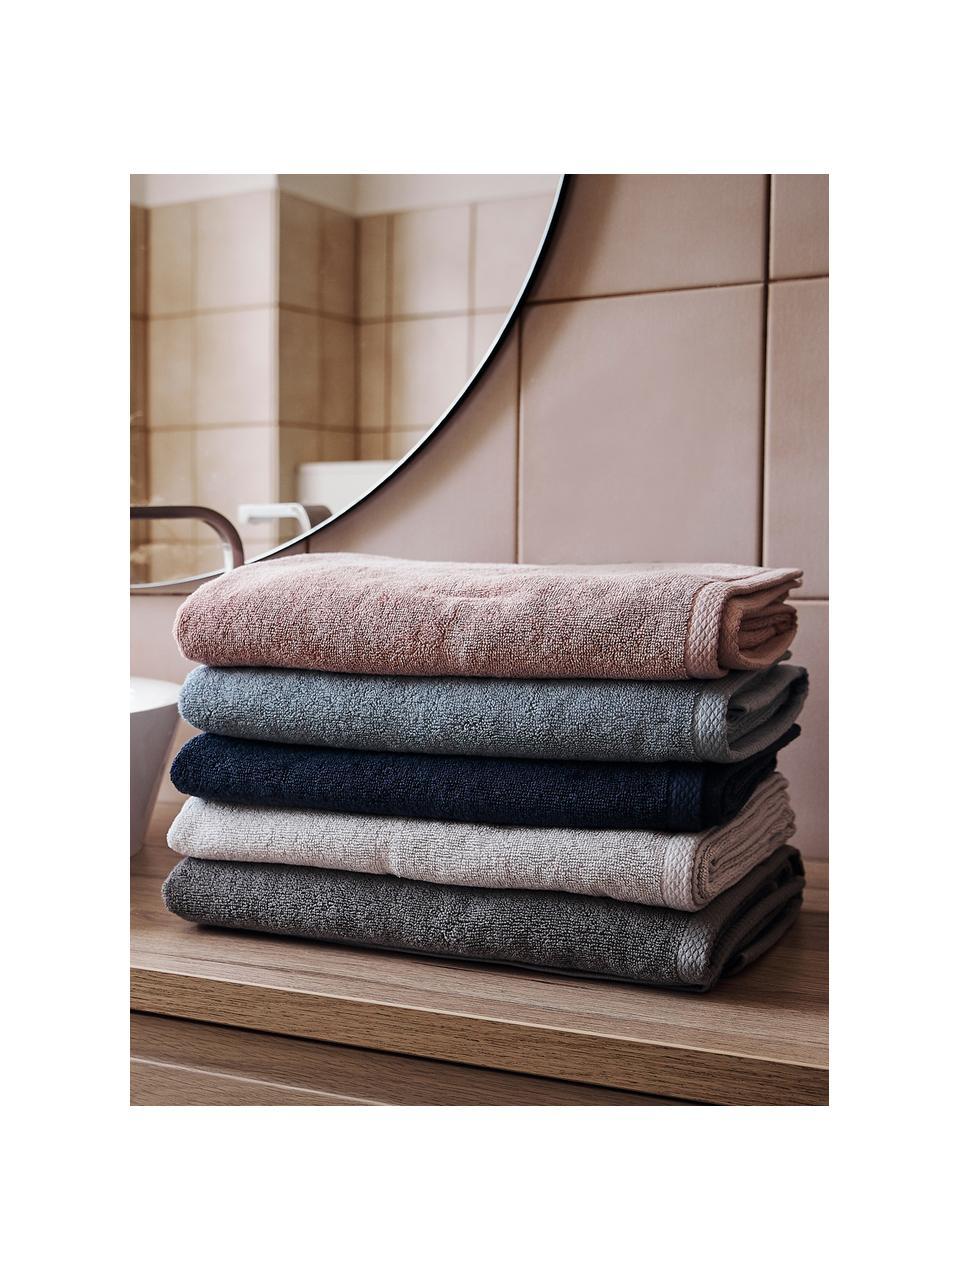 Set 3 asciugamani in tinta unità Comfort, Grigio chiaro, Set in varie misure